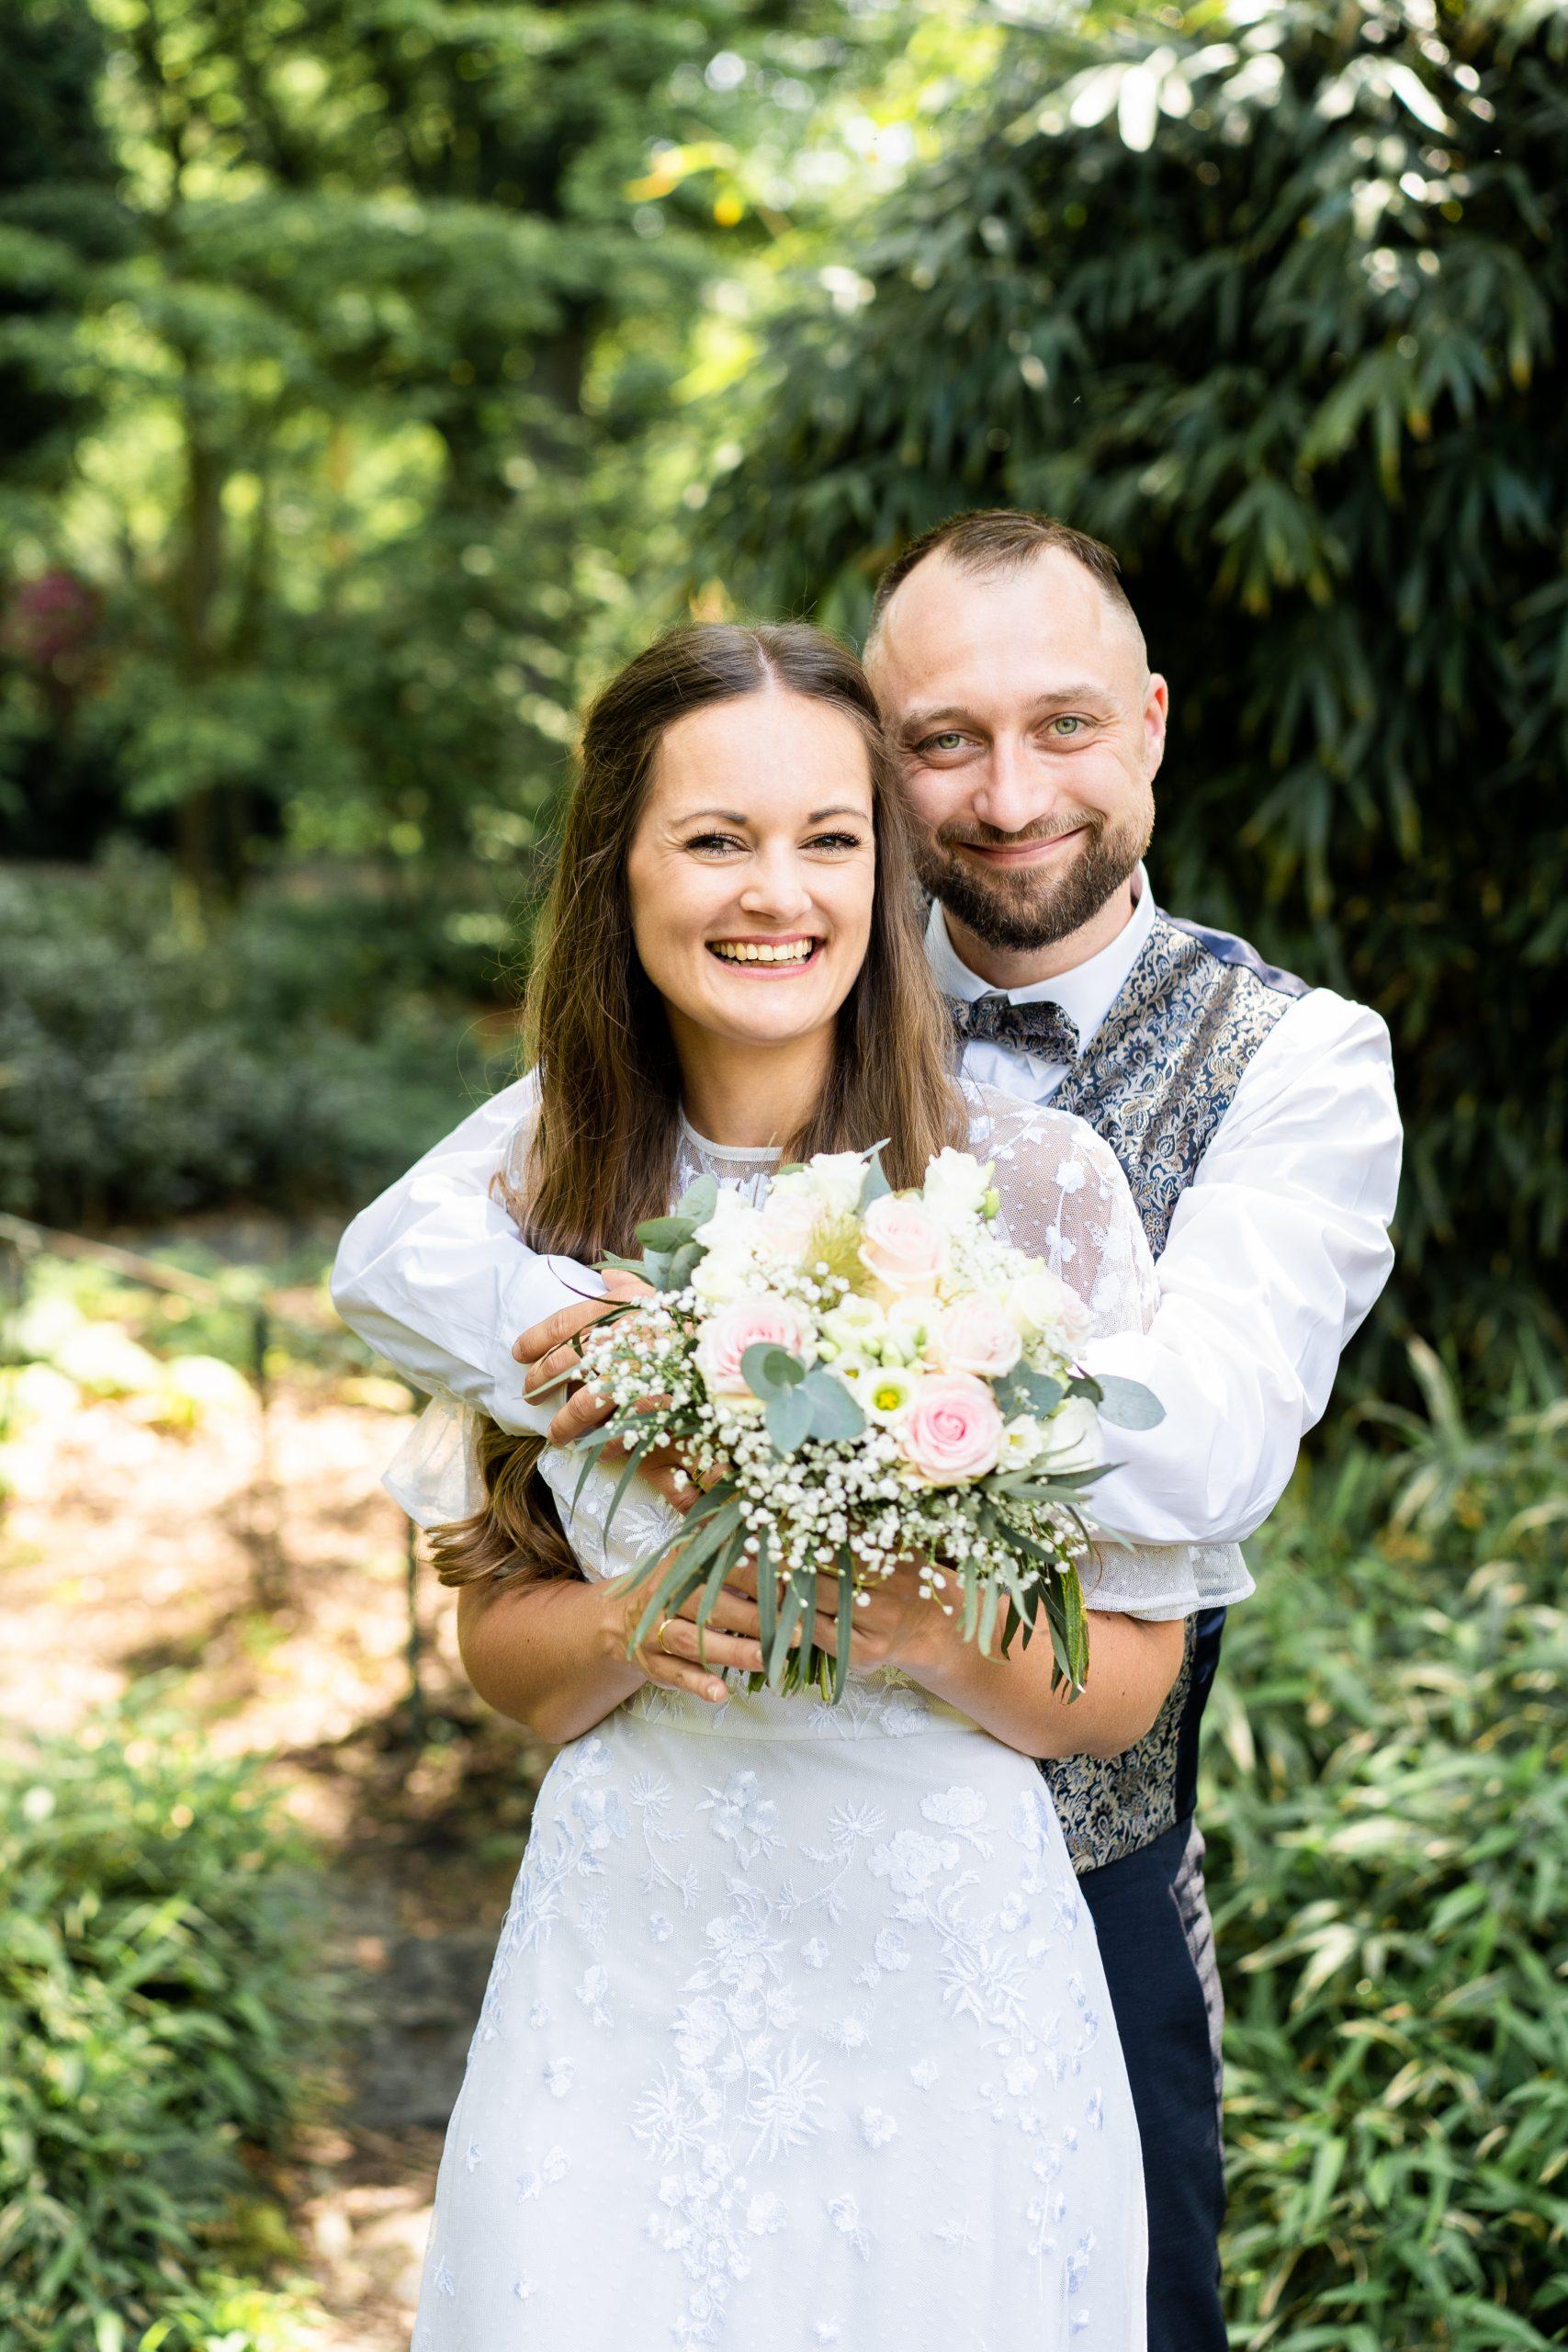 Hochzeitspaar Hochzeitsfotograf Rhododendronpark Hochzeit Hochzeitfotografie Ehepaar Brautstrauß Braut Hochzeitsglück